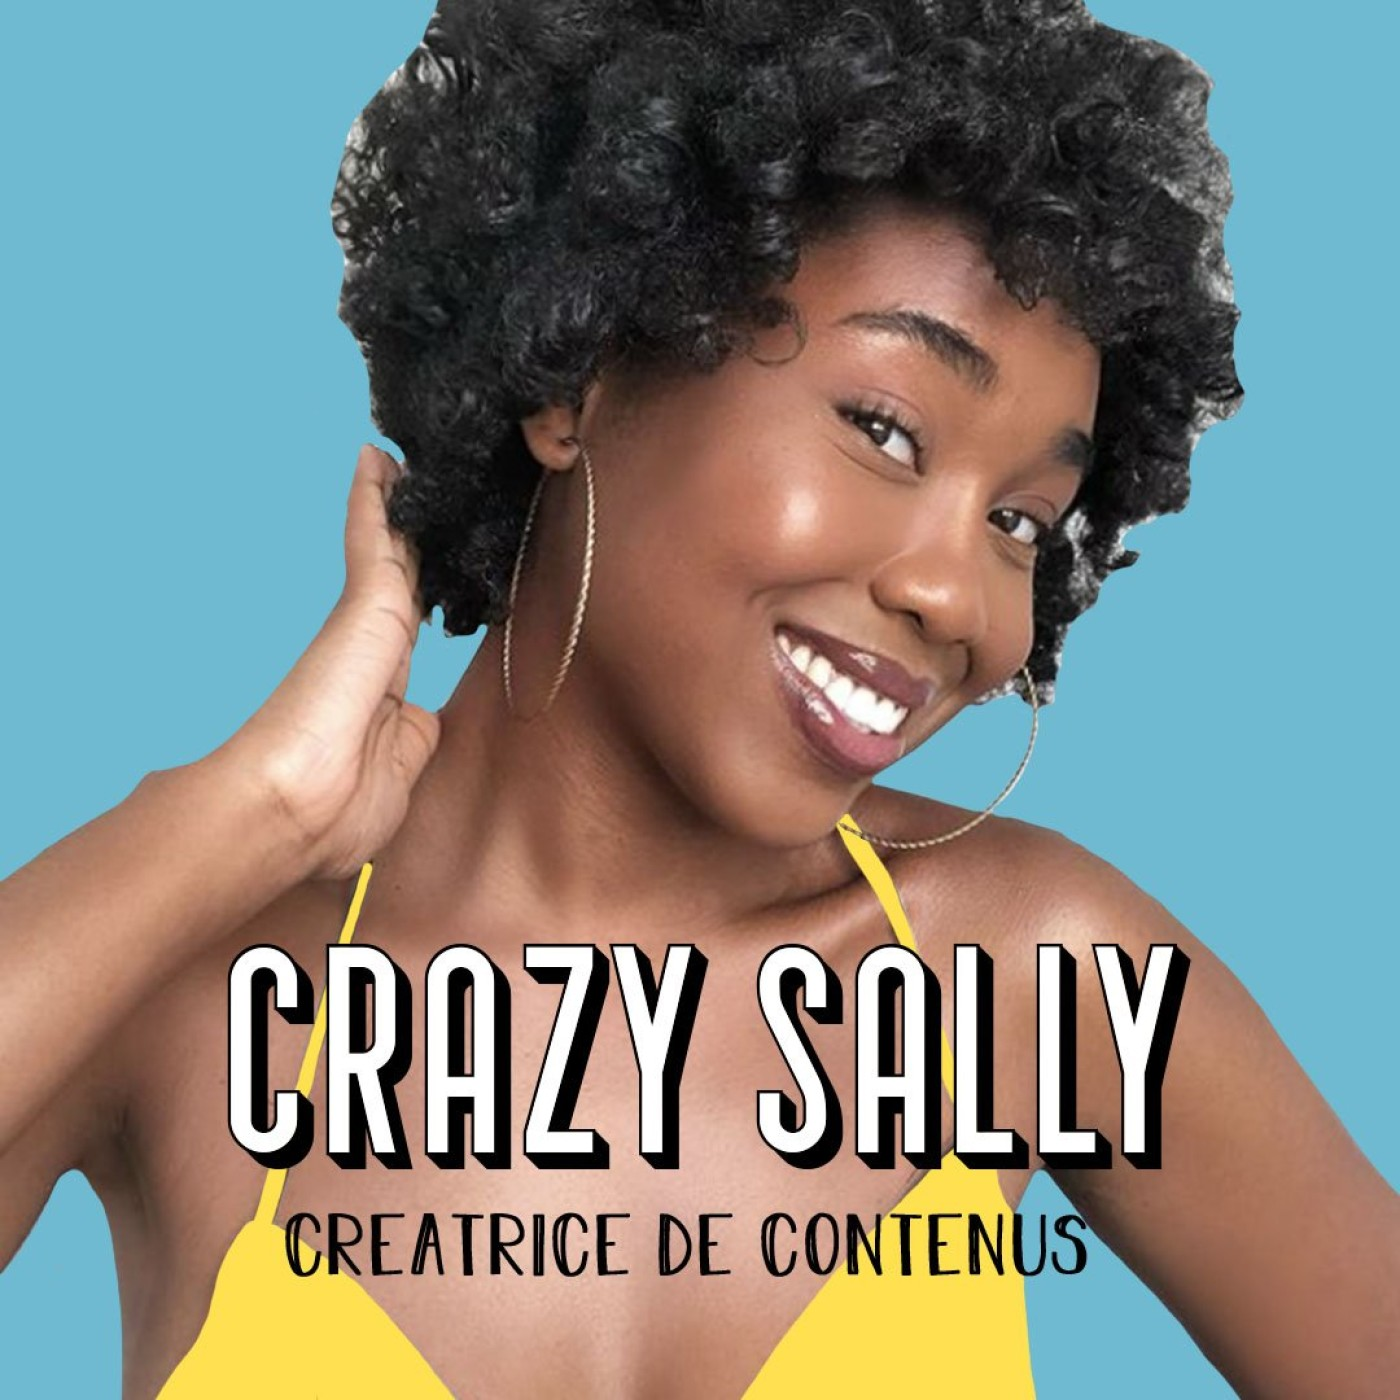 @CrazySally, Juriste et Créatrice de contenus - Déconstruire pour mieux se redéfinir